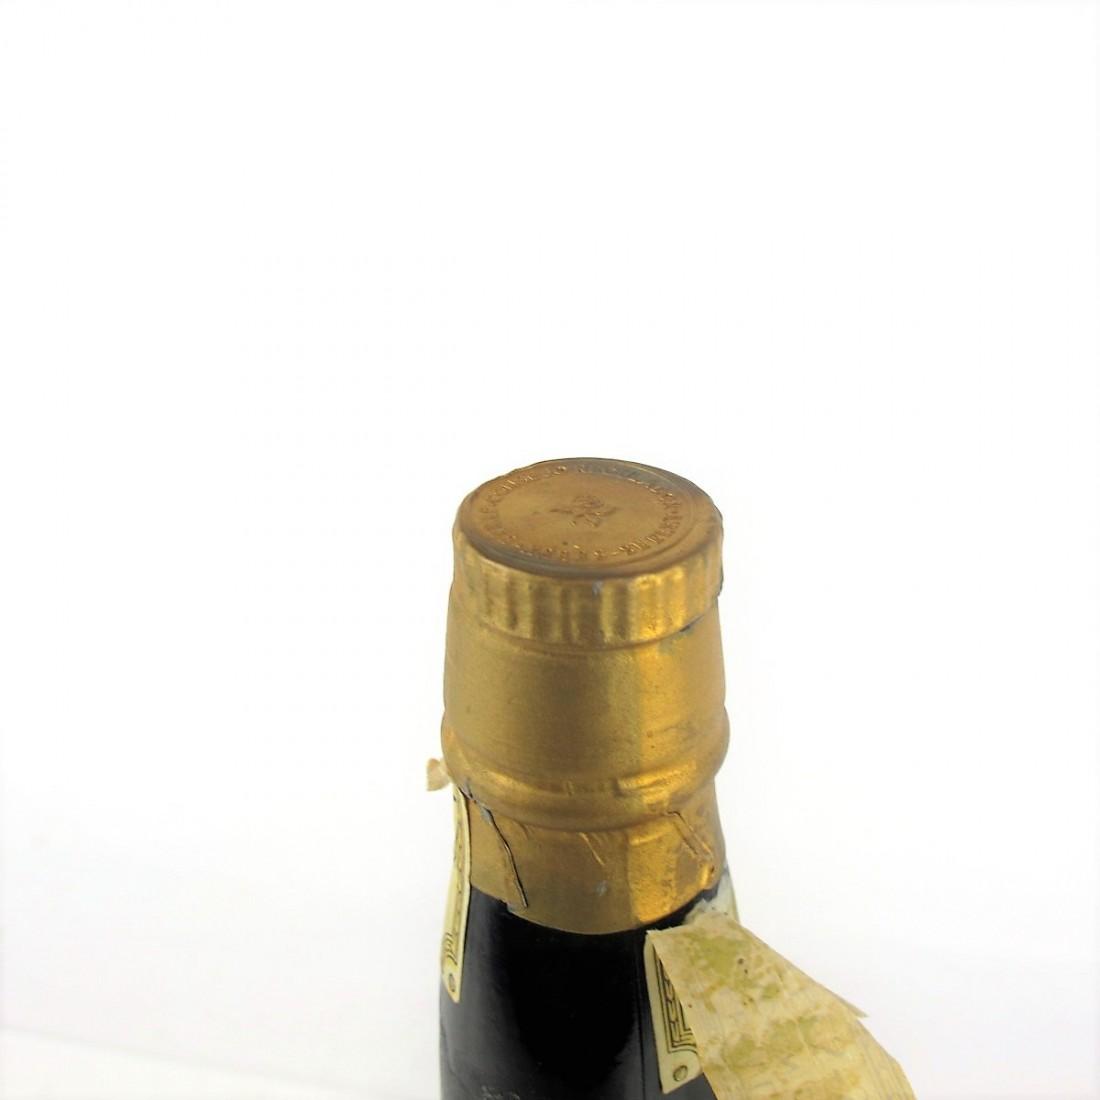 Fino Sherry / Private Bottling